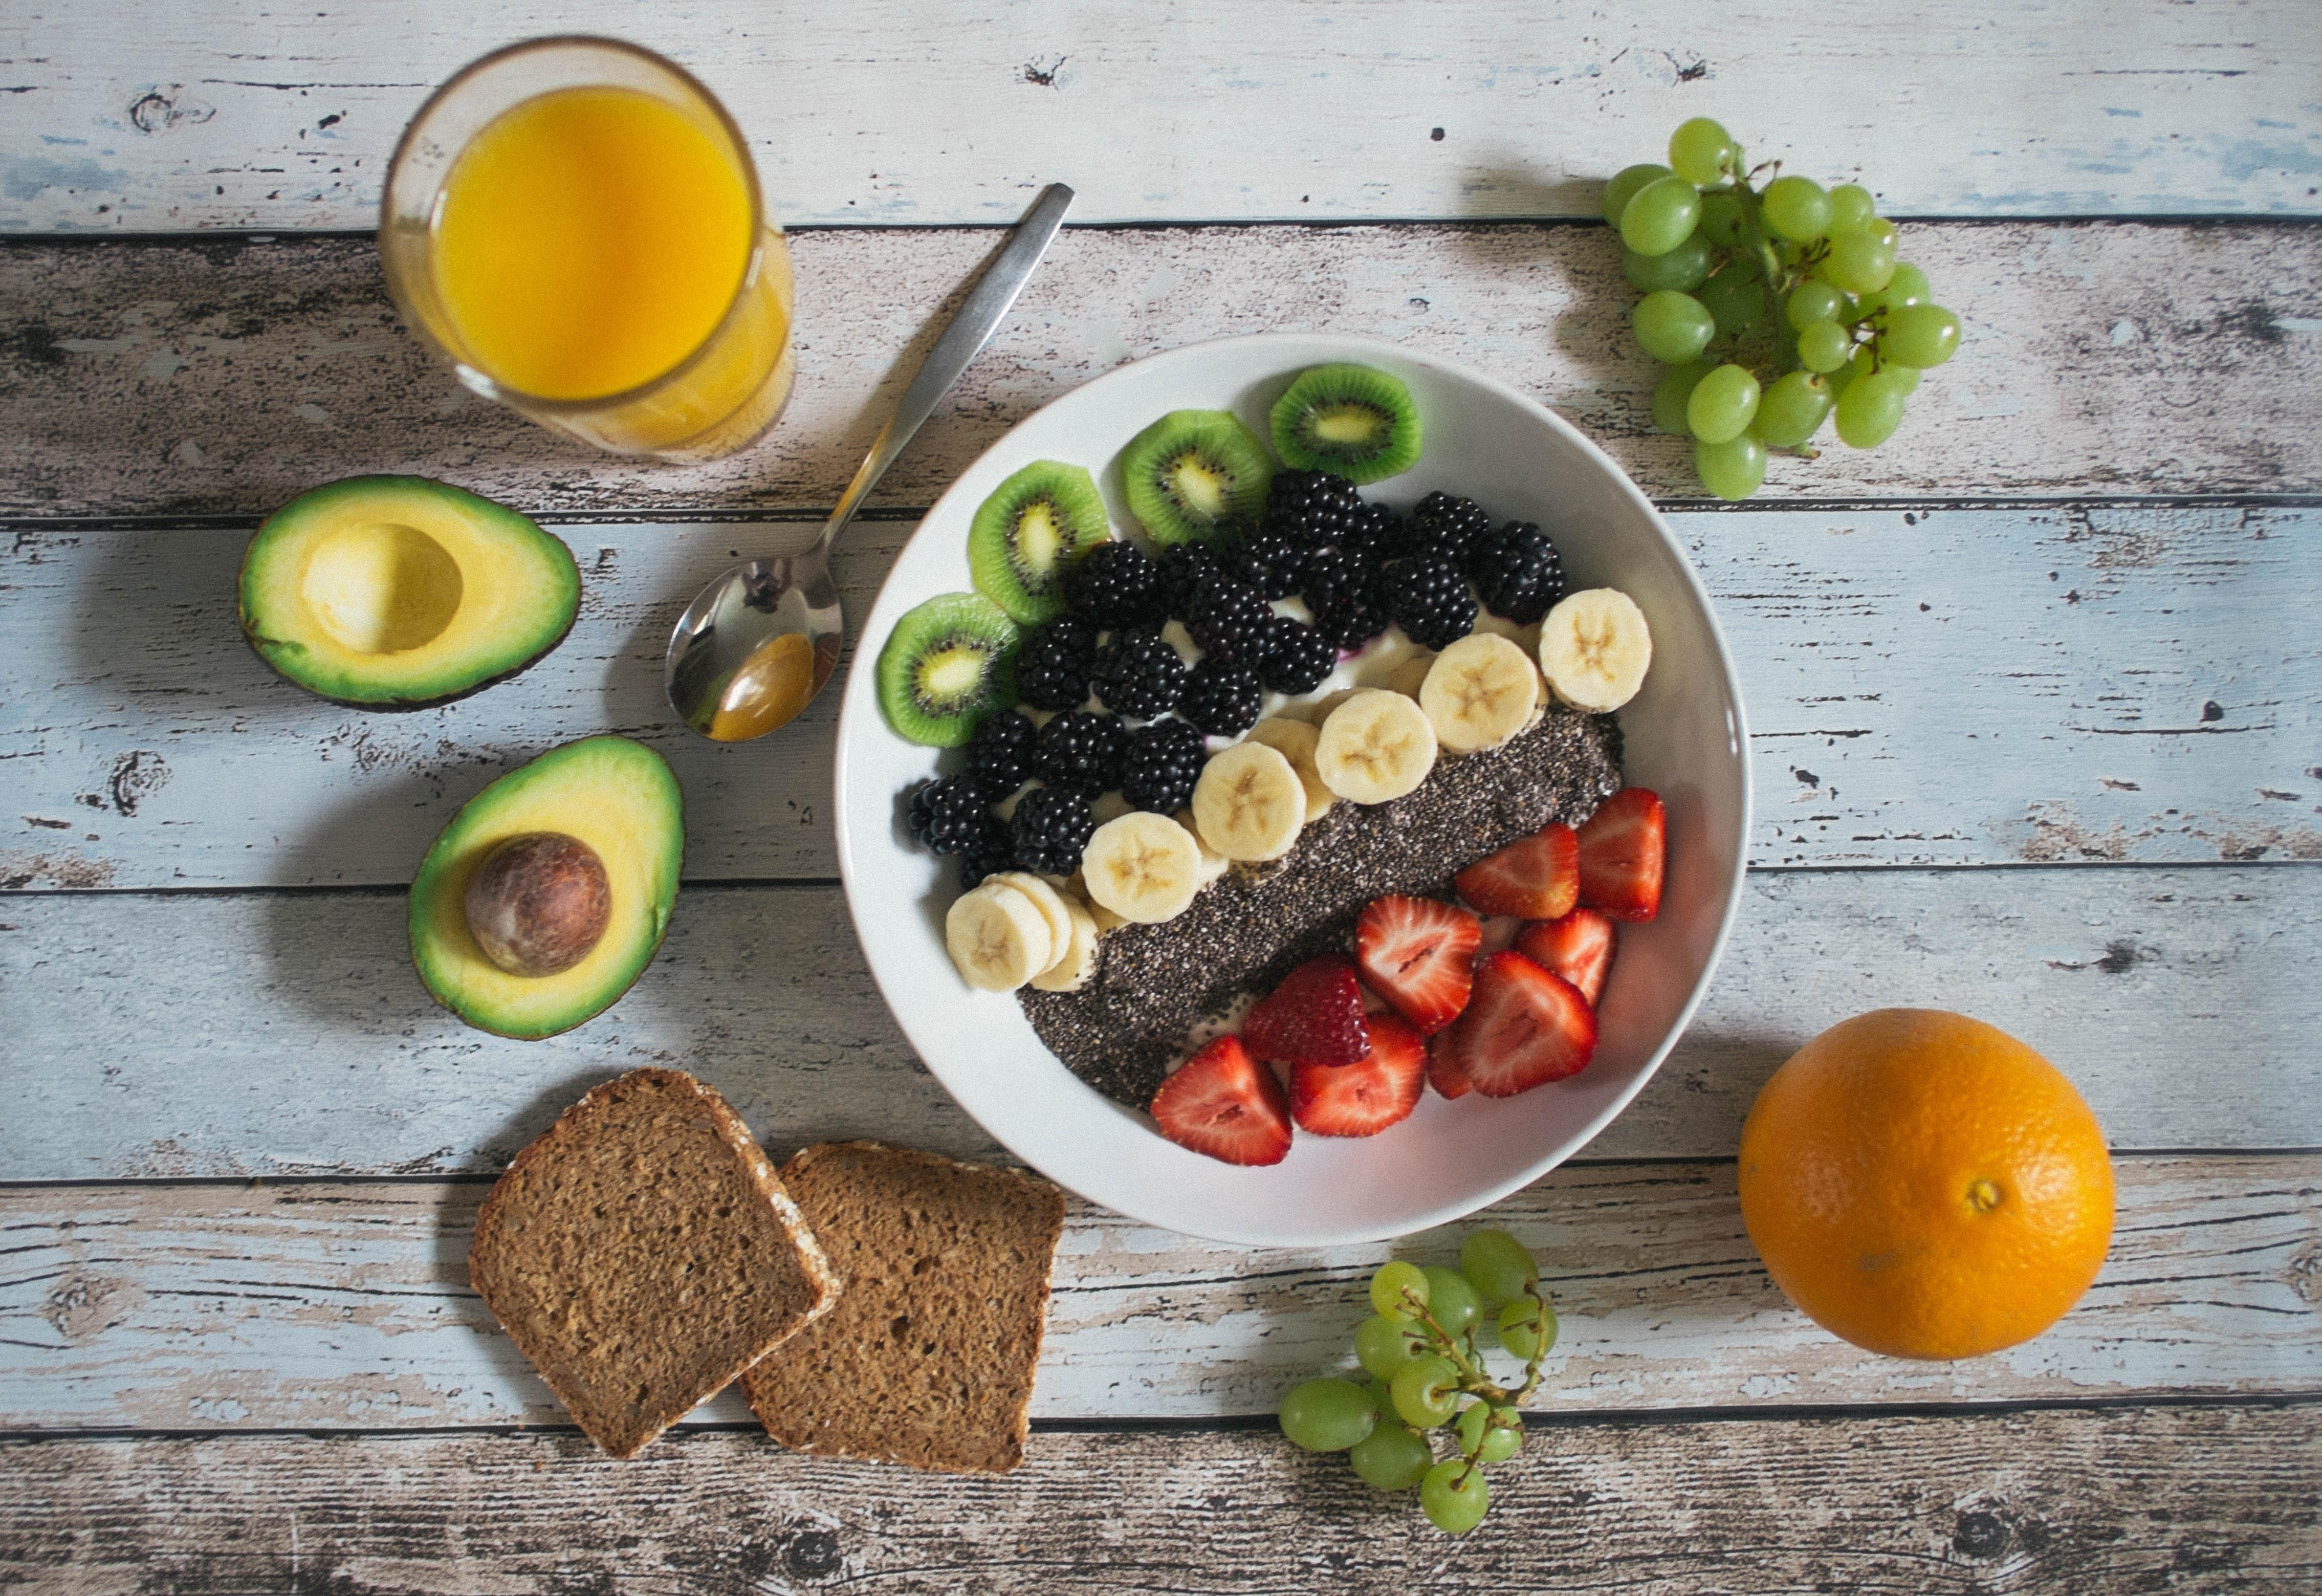 Pflanze Frucht rustikal Orange Lebensmittel produzieren Avocado Brot Holztisch Früchte blühende Pflanze Landanlage